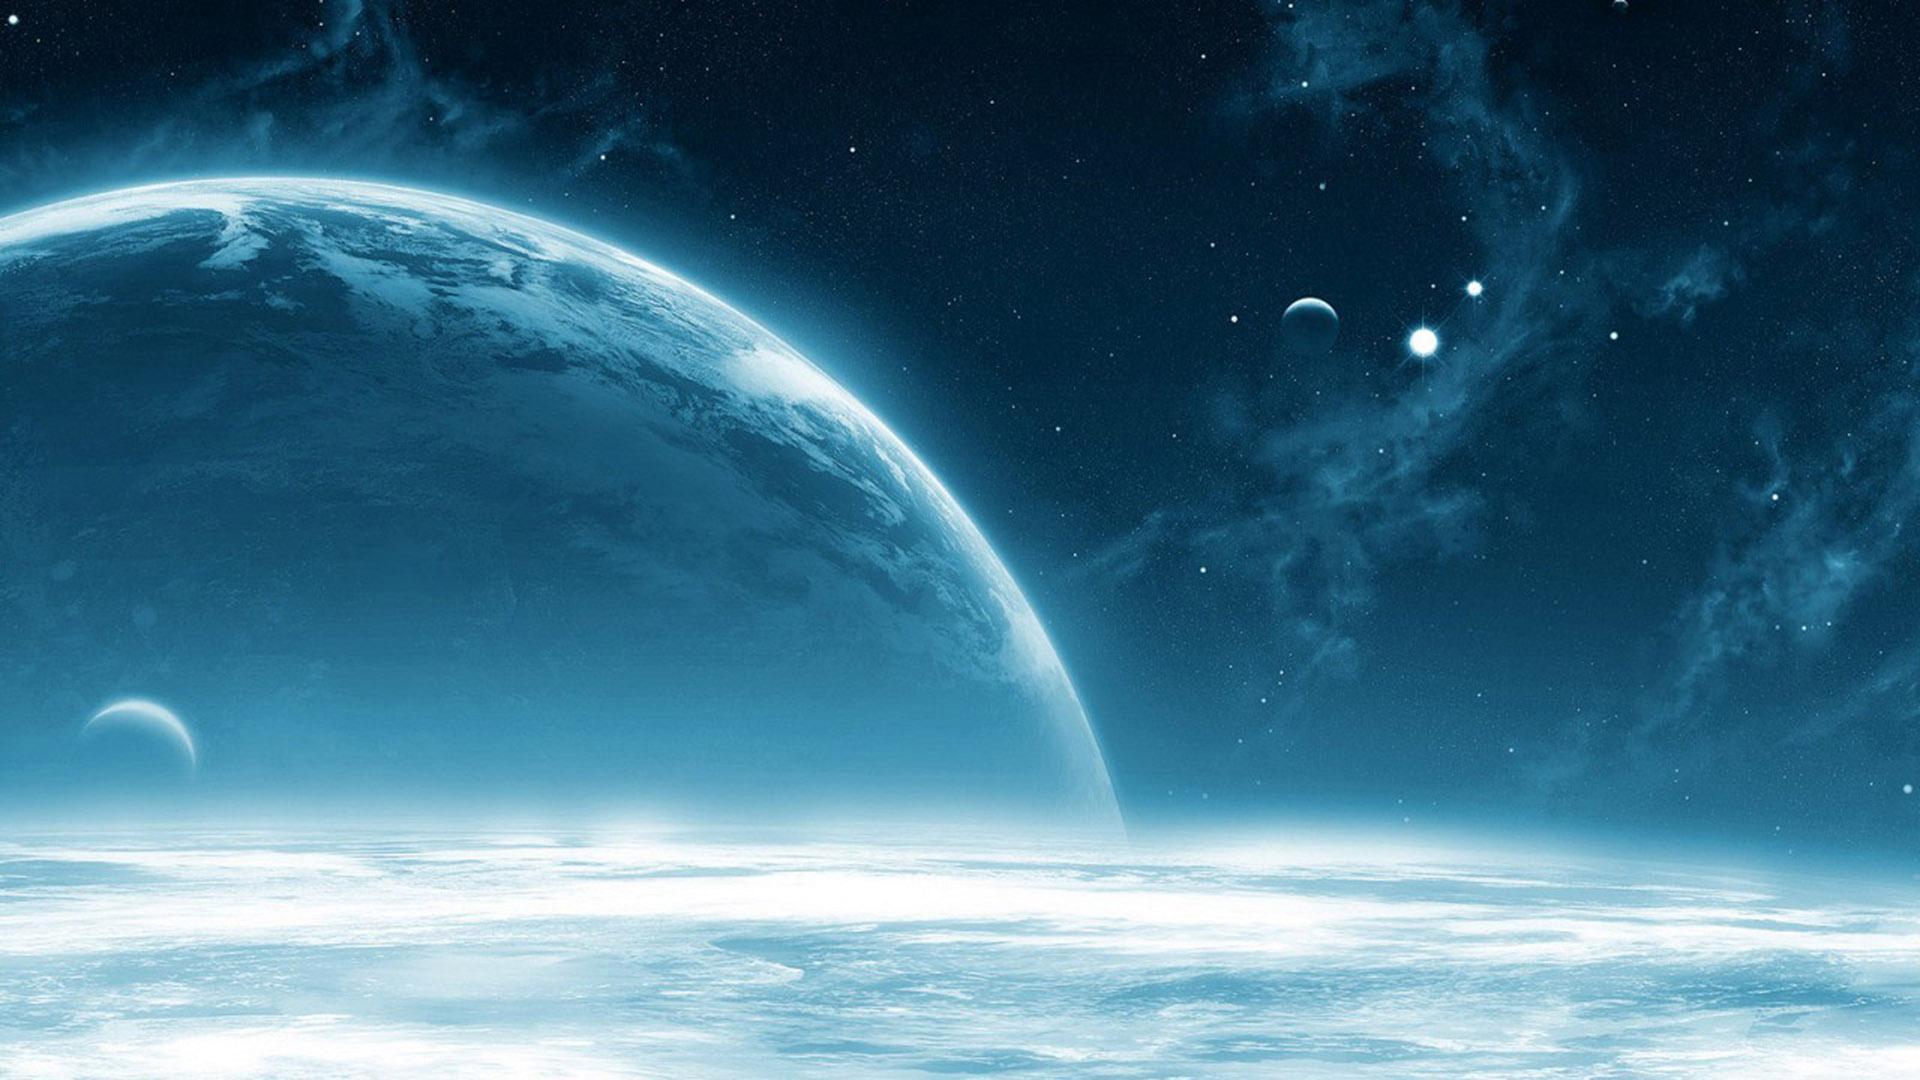 Cool Space Desktop Wallpapers